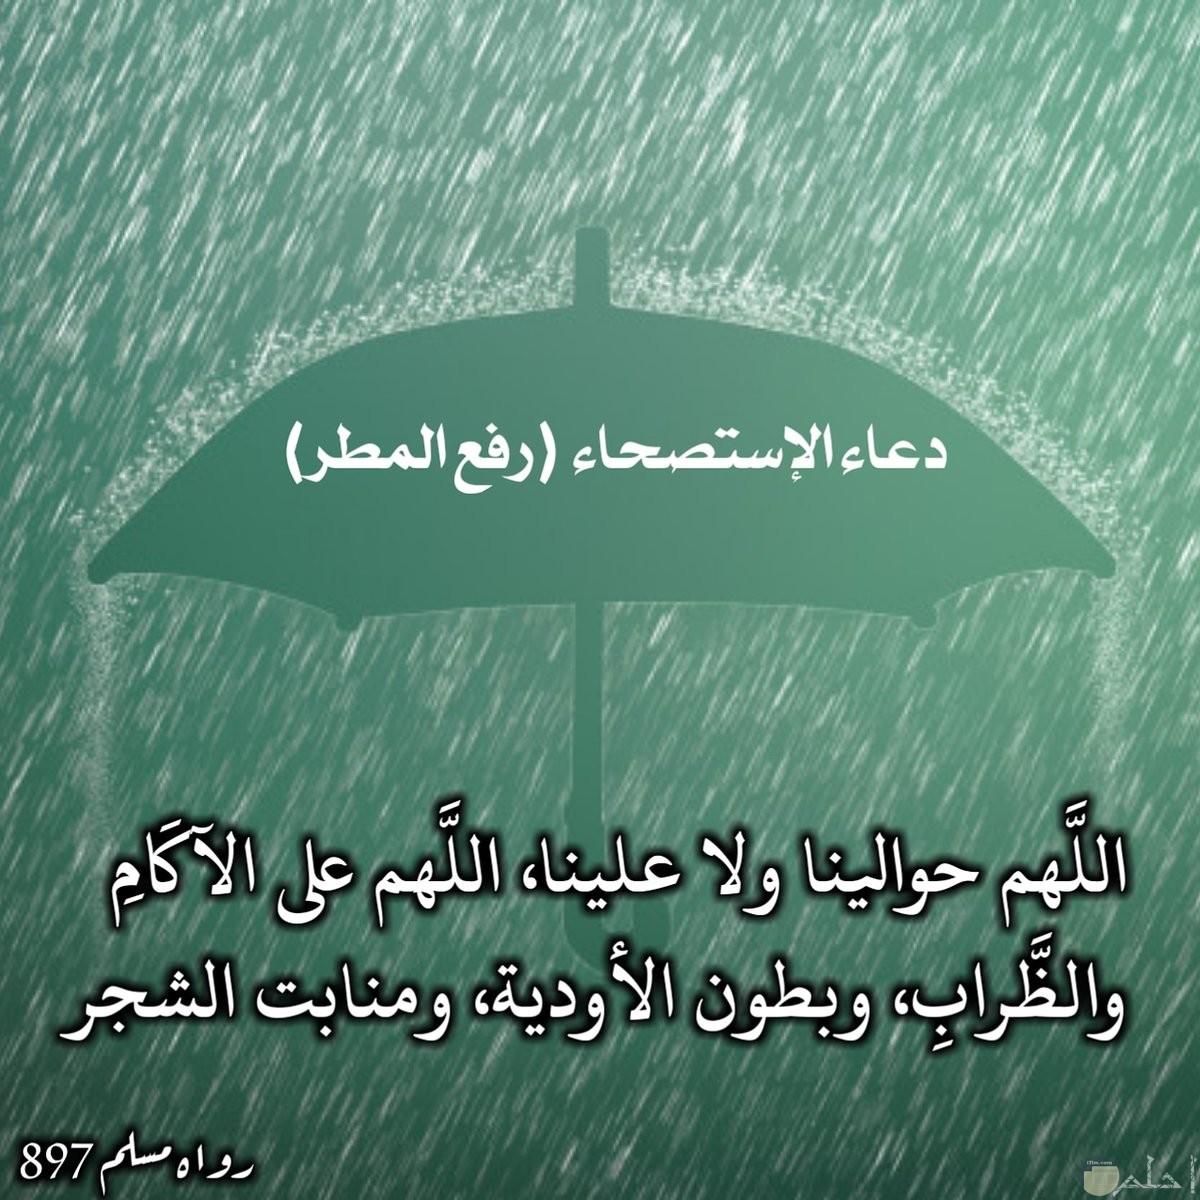 دعاء رفع المطر _ الإستصحاء_ و اللهم إجعله خير لنا.